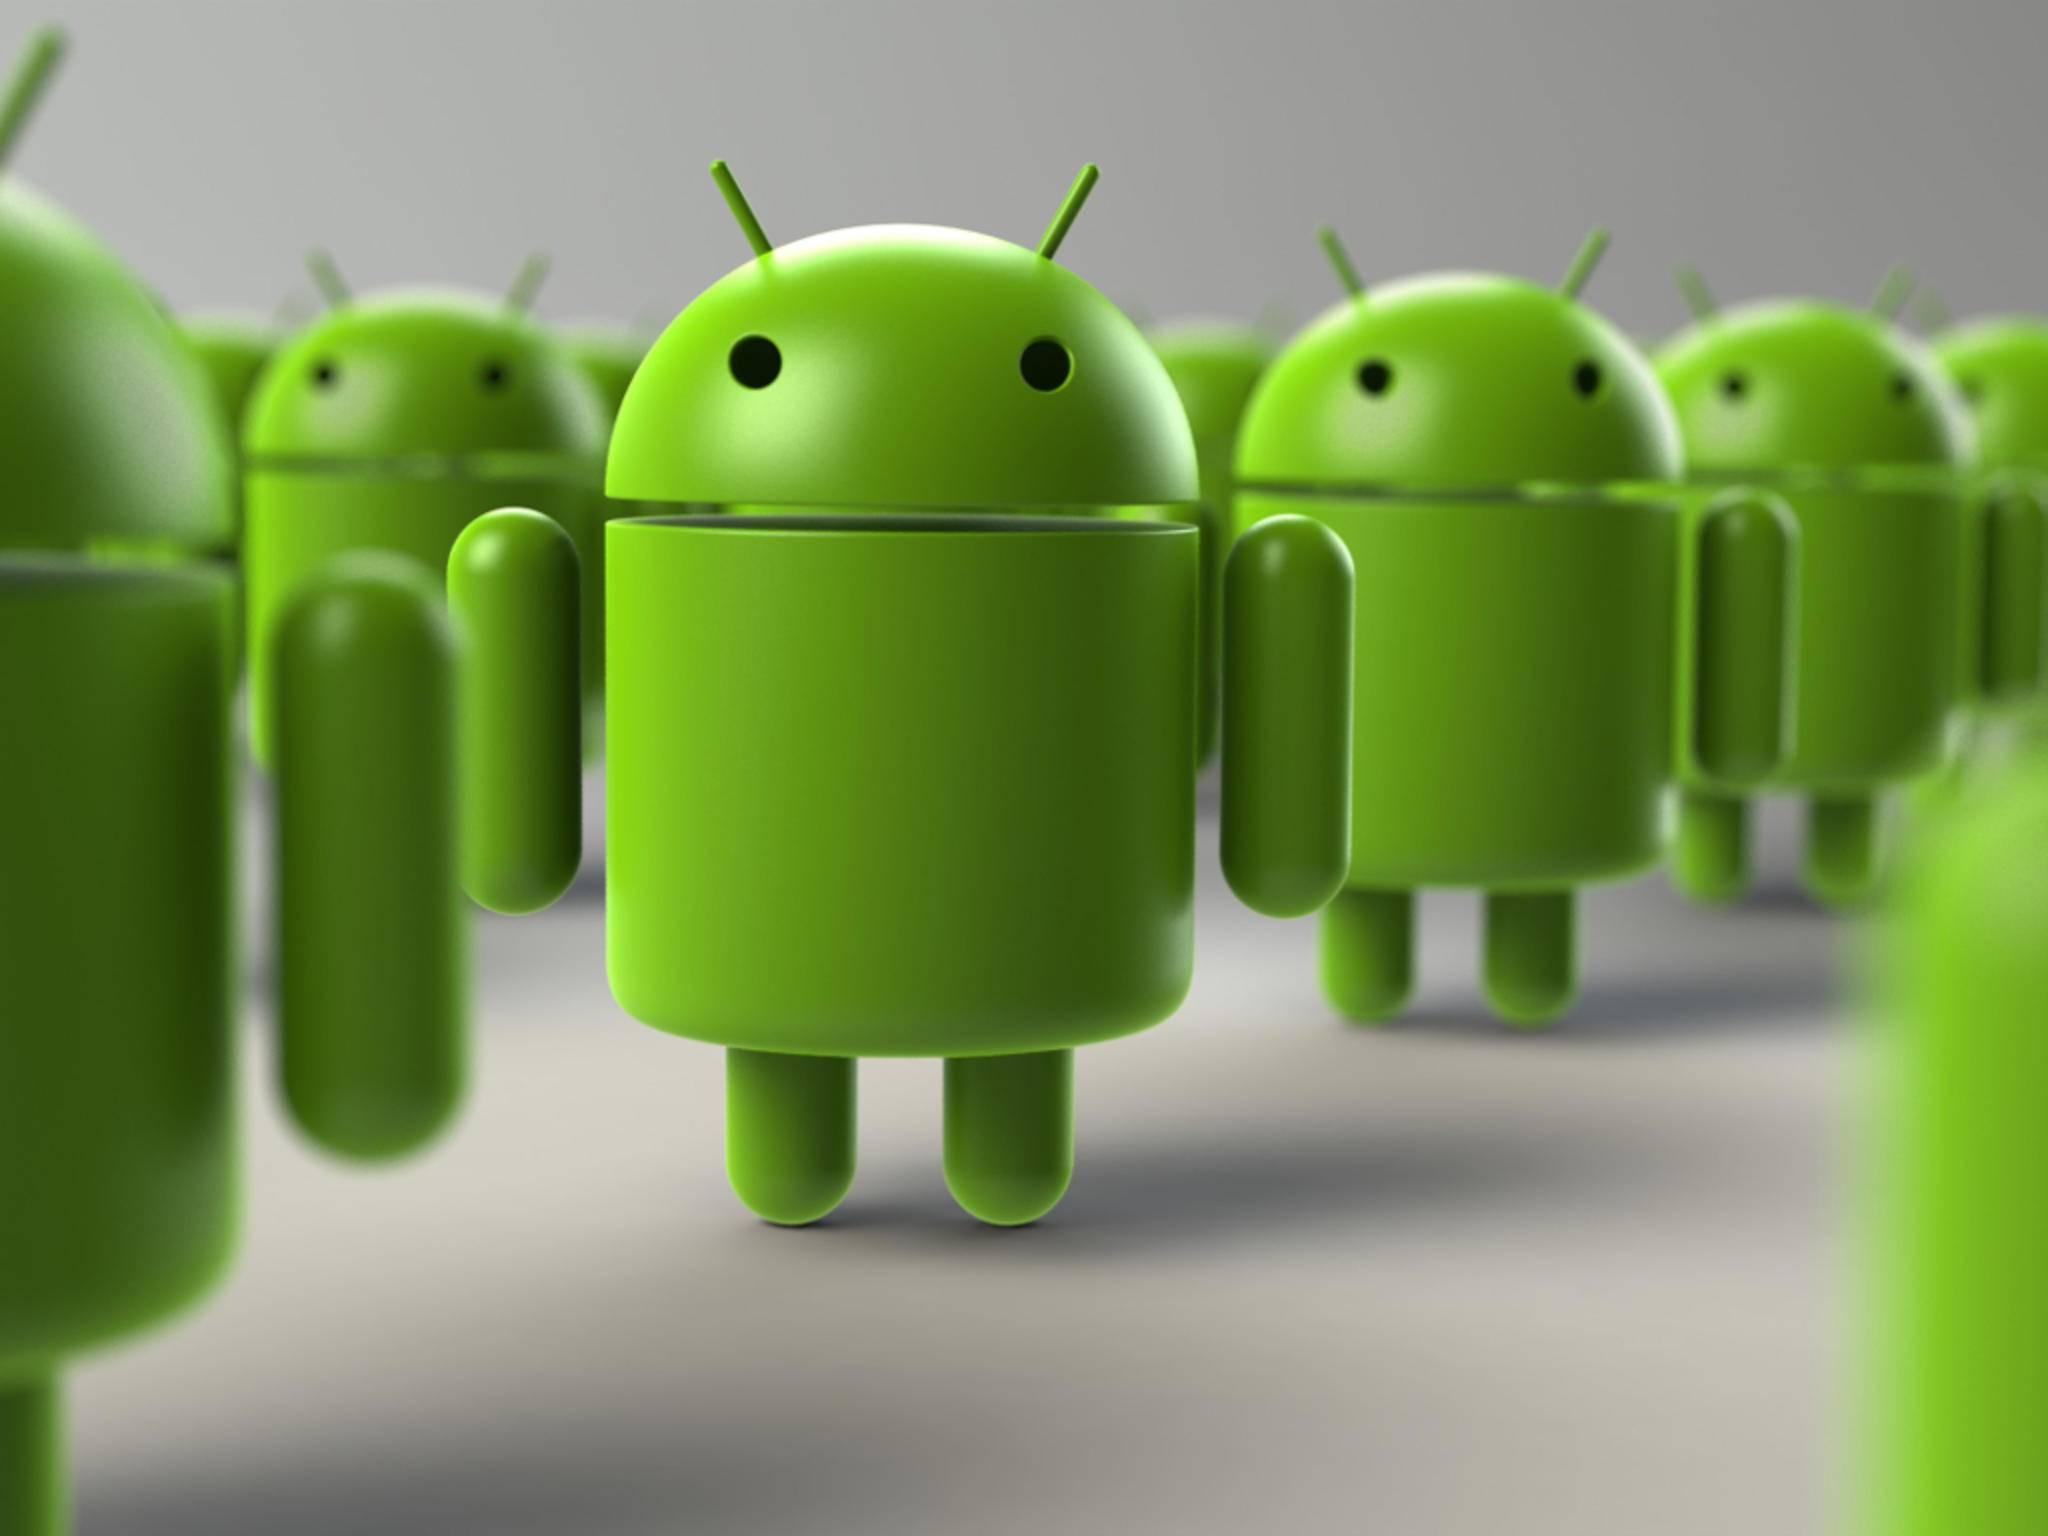 Android bekommt im nächsten Jahr endlich einen offiziellen Splitscreen-Modus.